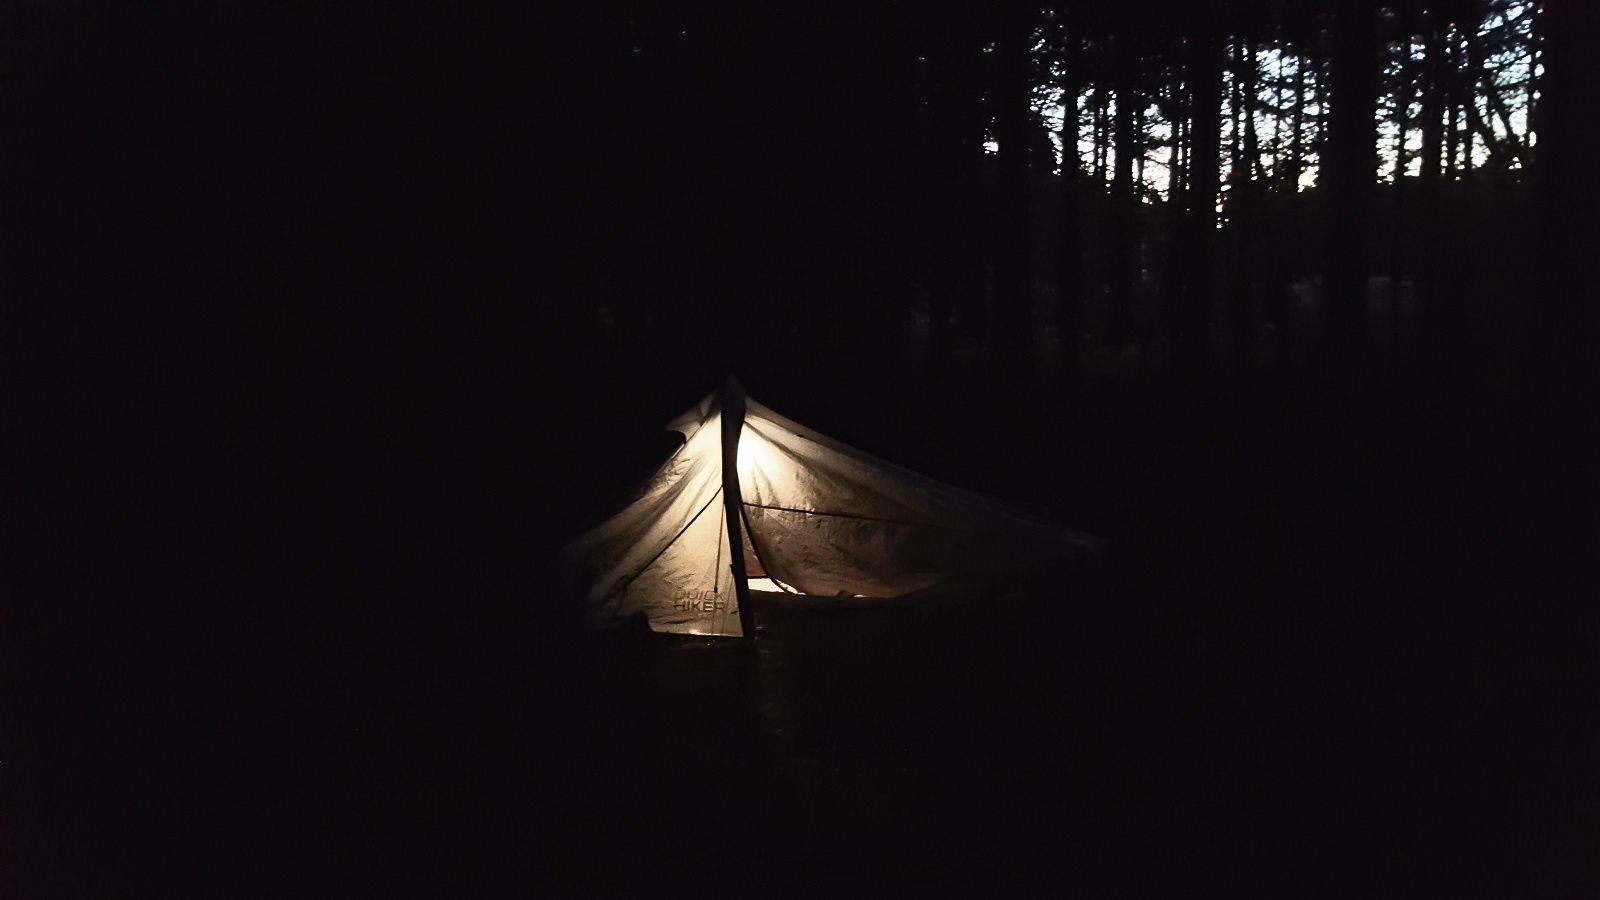 Dormir seul en pleine forêt est une expérience hors du commun. Ma tente de bivouac est parfaite. Prochain objectif, m'ouvrir davantage encore avec la nature via un hamac adapté.